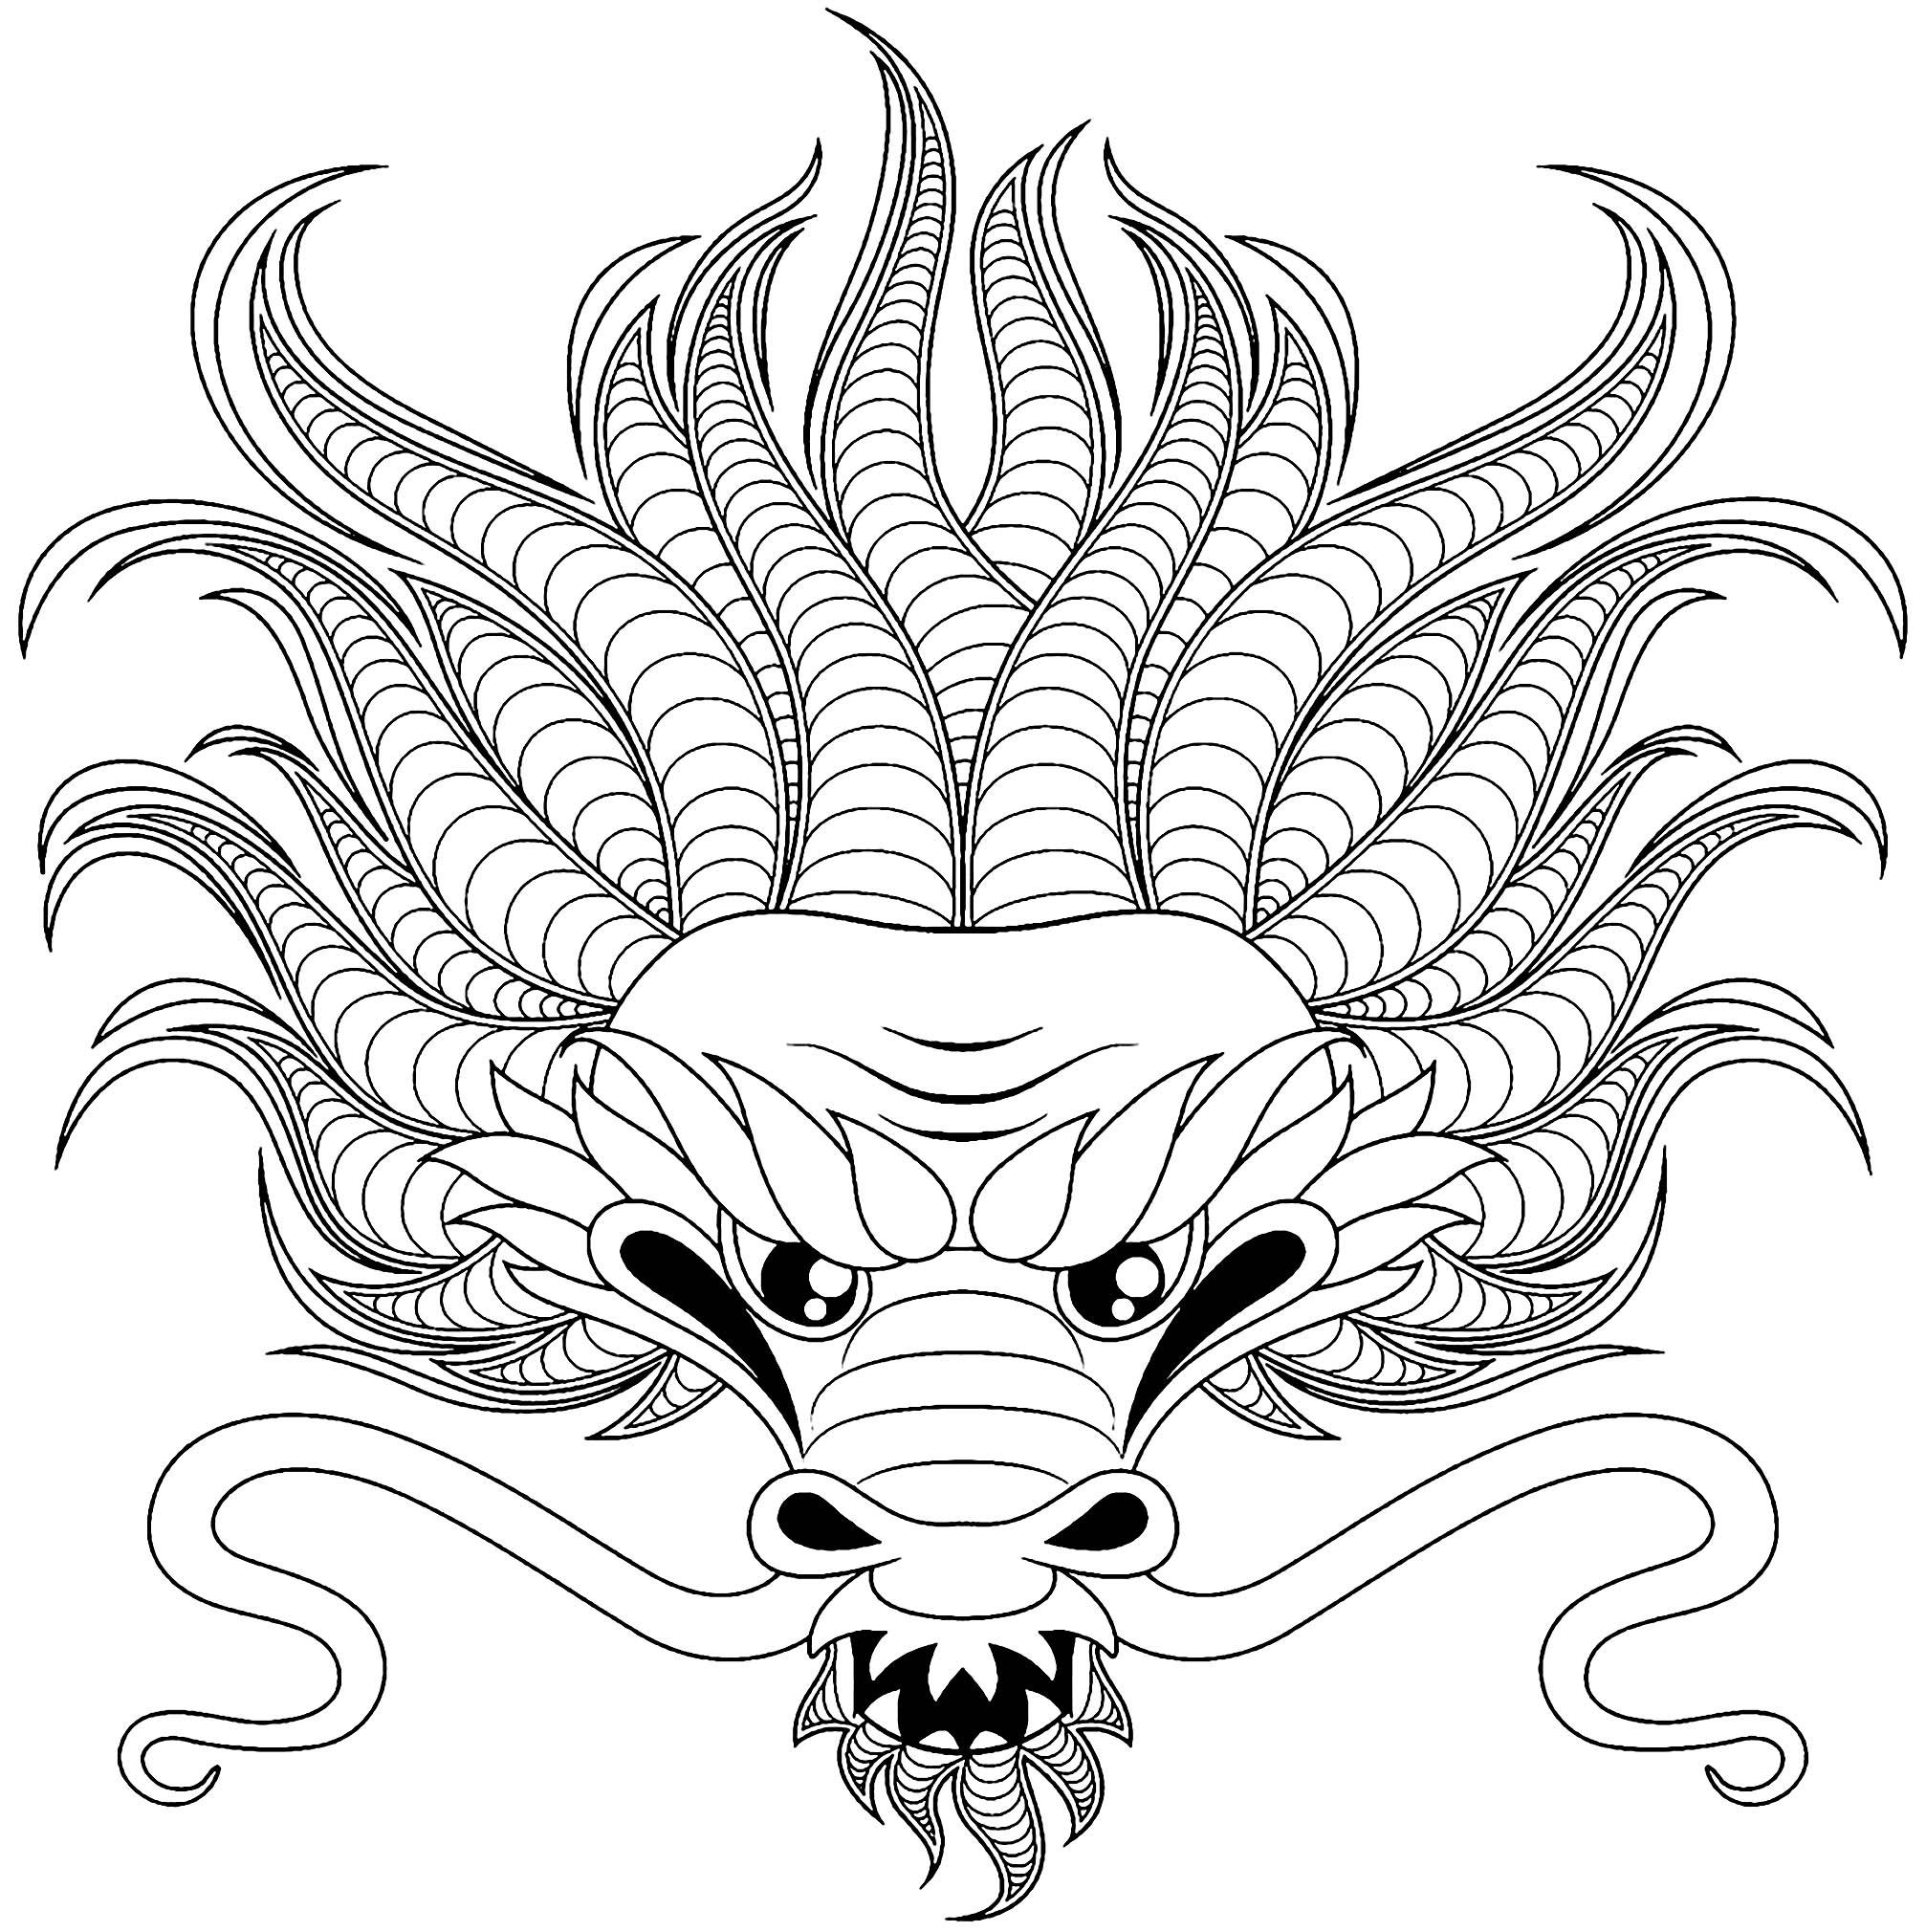 Fantástico Páginas Duras Para Colorear De Dragones Ilustración ...